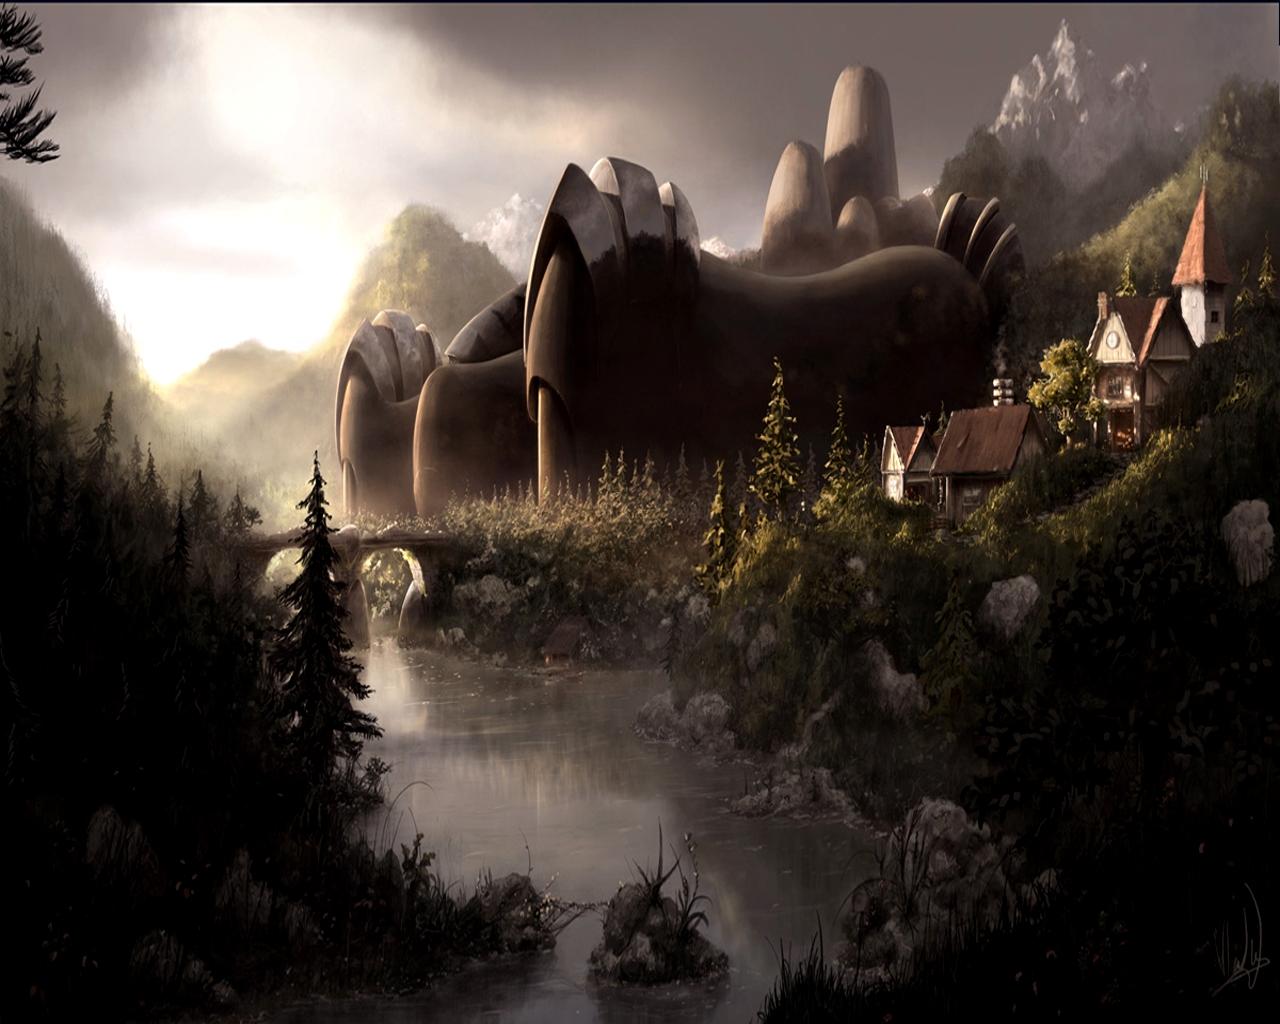 Wallpaper Tadka Fantasy World Wallpaper